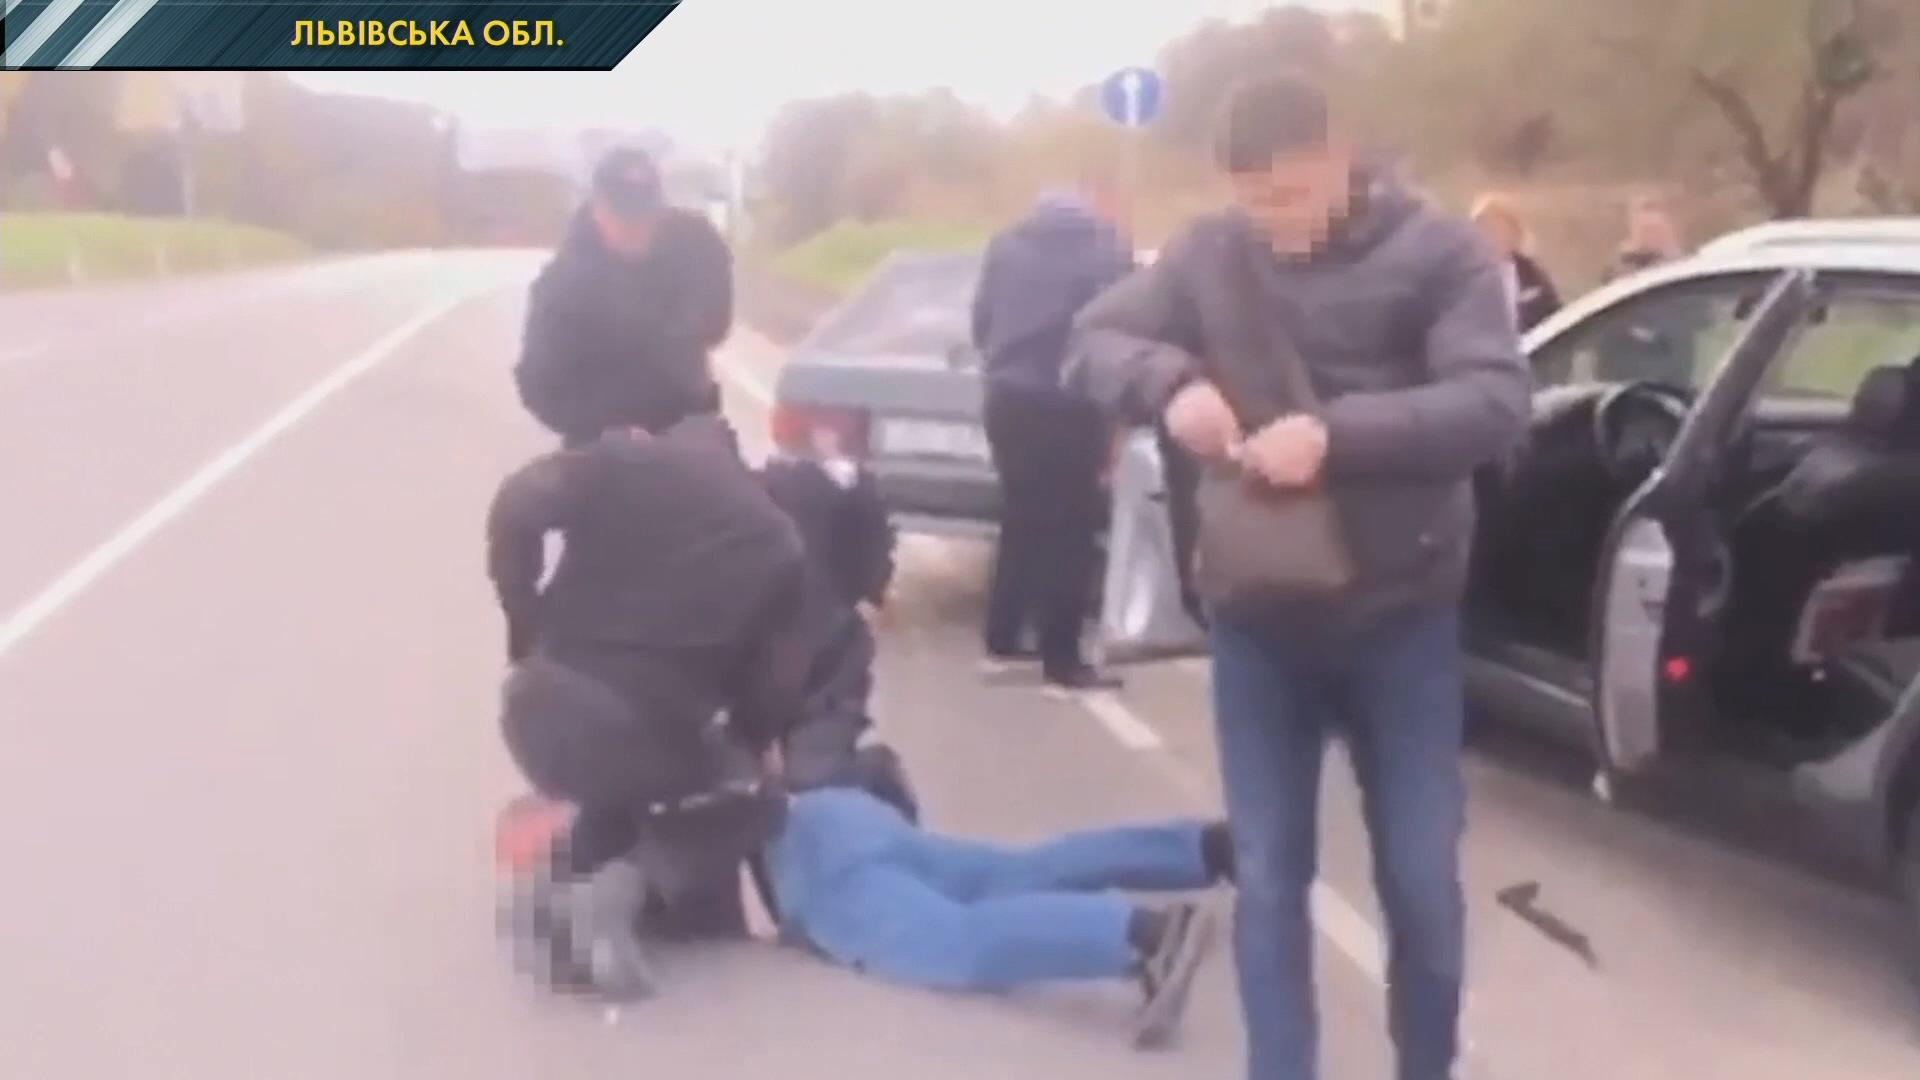 На Львівщині затримали члена міжрегіонального наркоугрупування. ВІДЕО